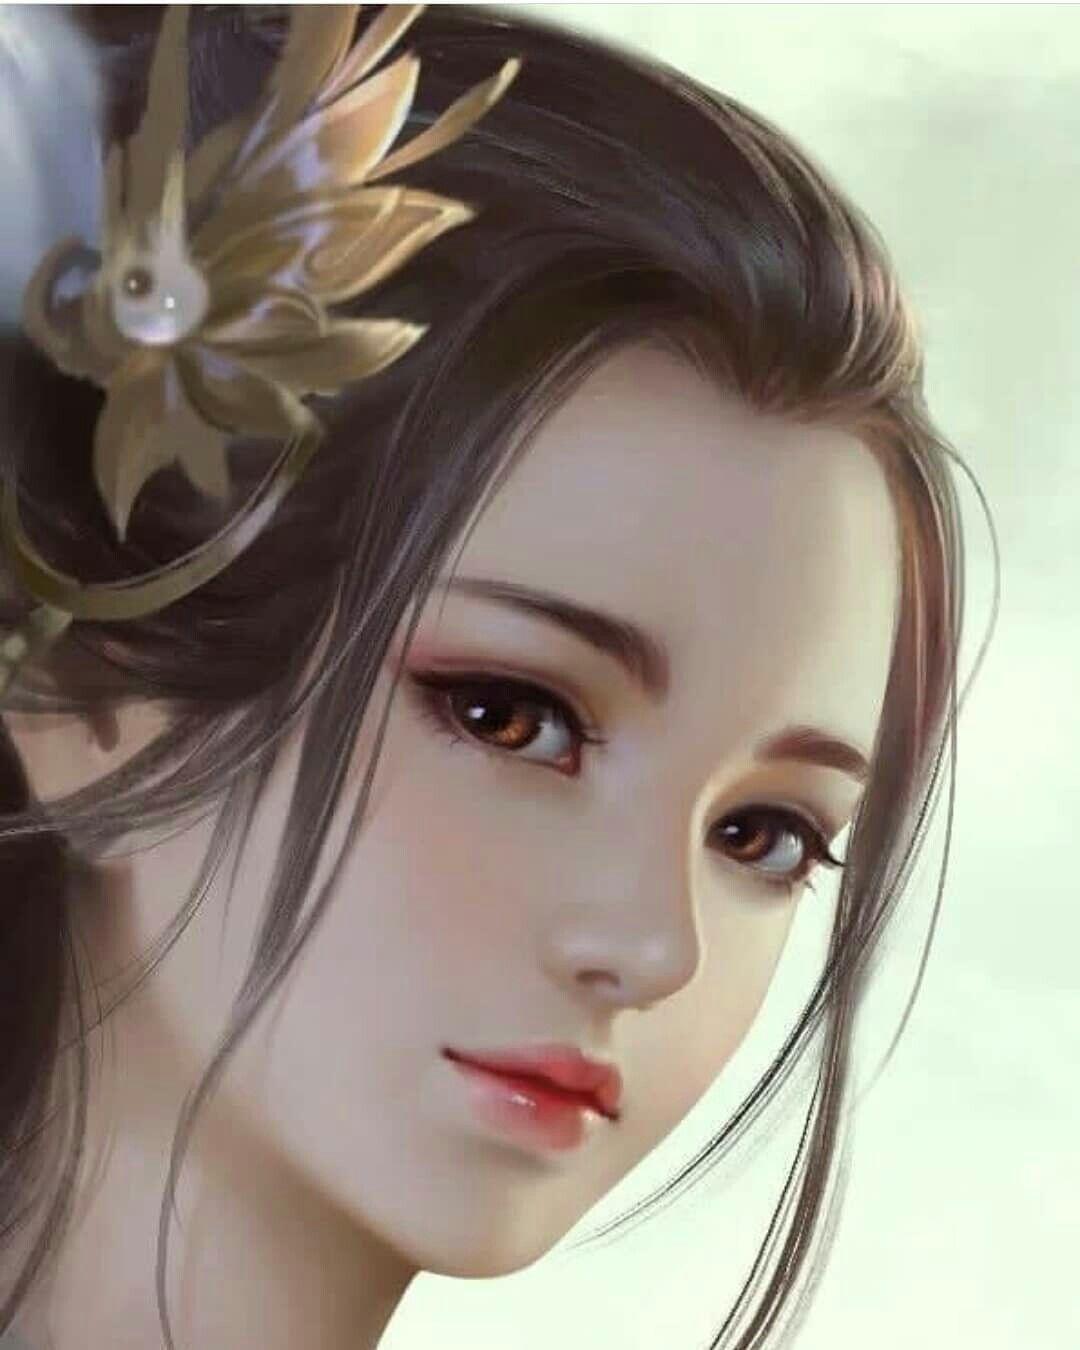 Cute Or Not Chinese Art Girl Digital Art Girl Beautiful Fantasy Art